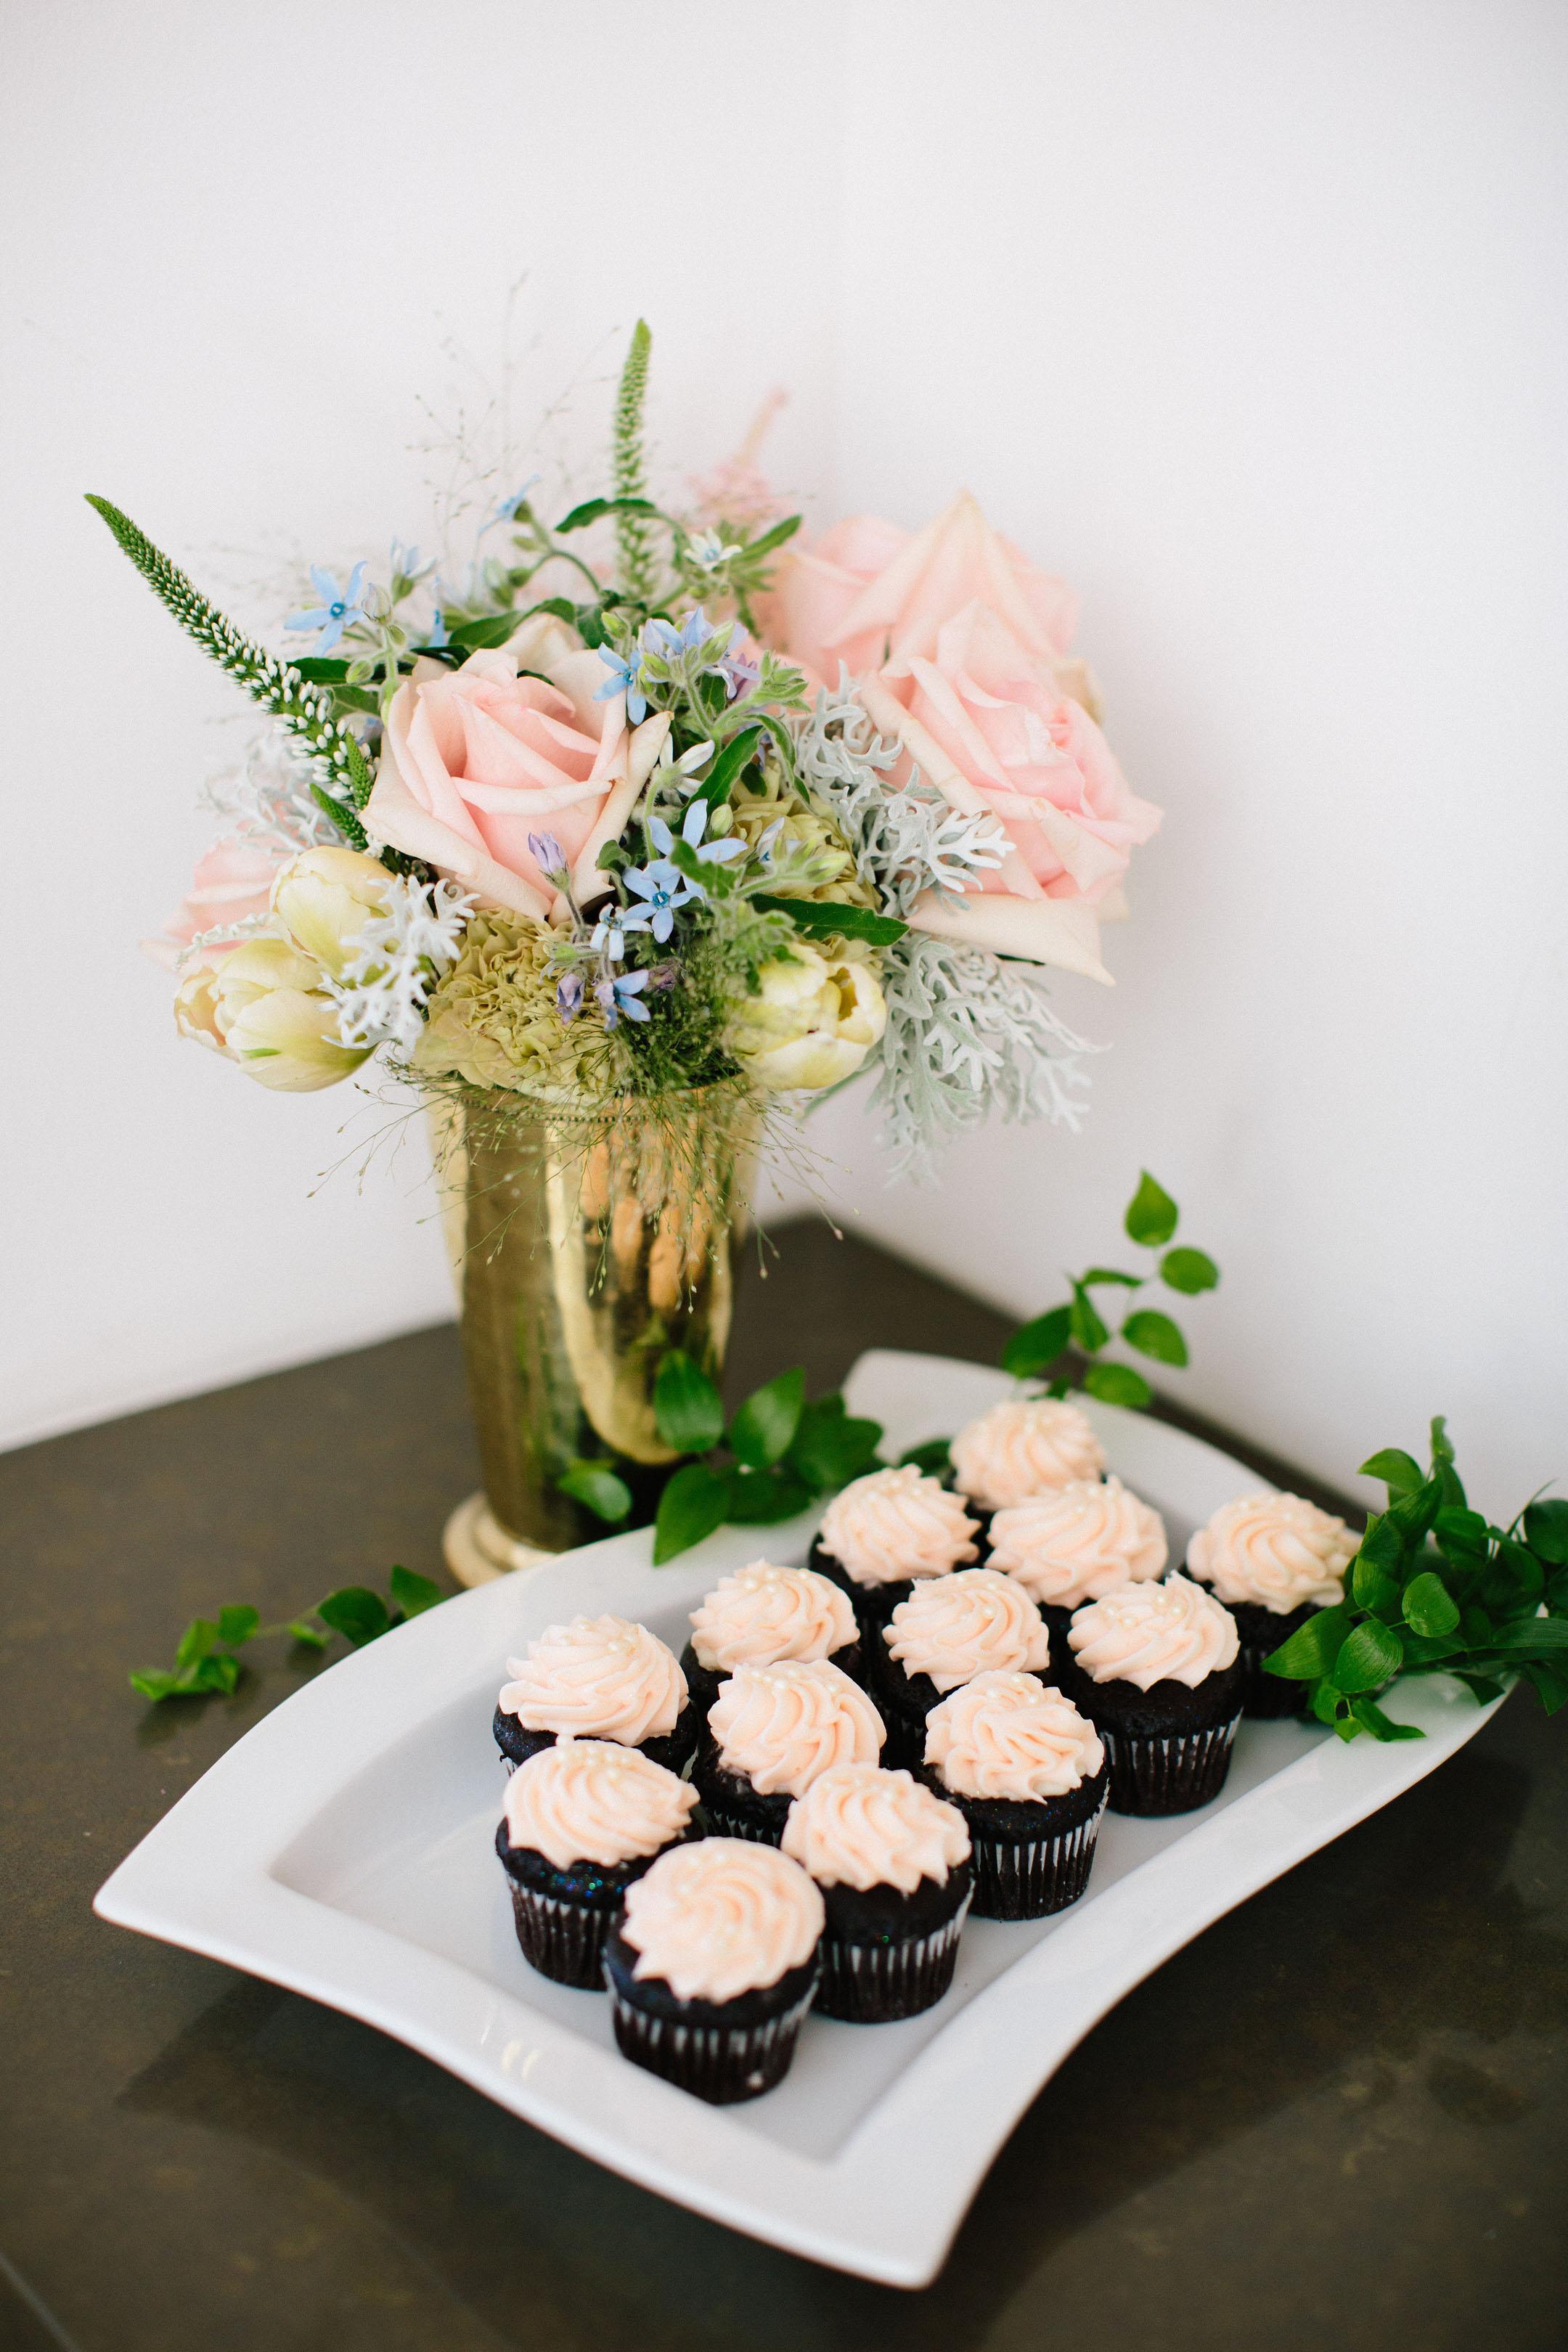 Sift Dessert bar cupcakes